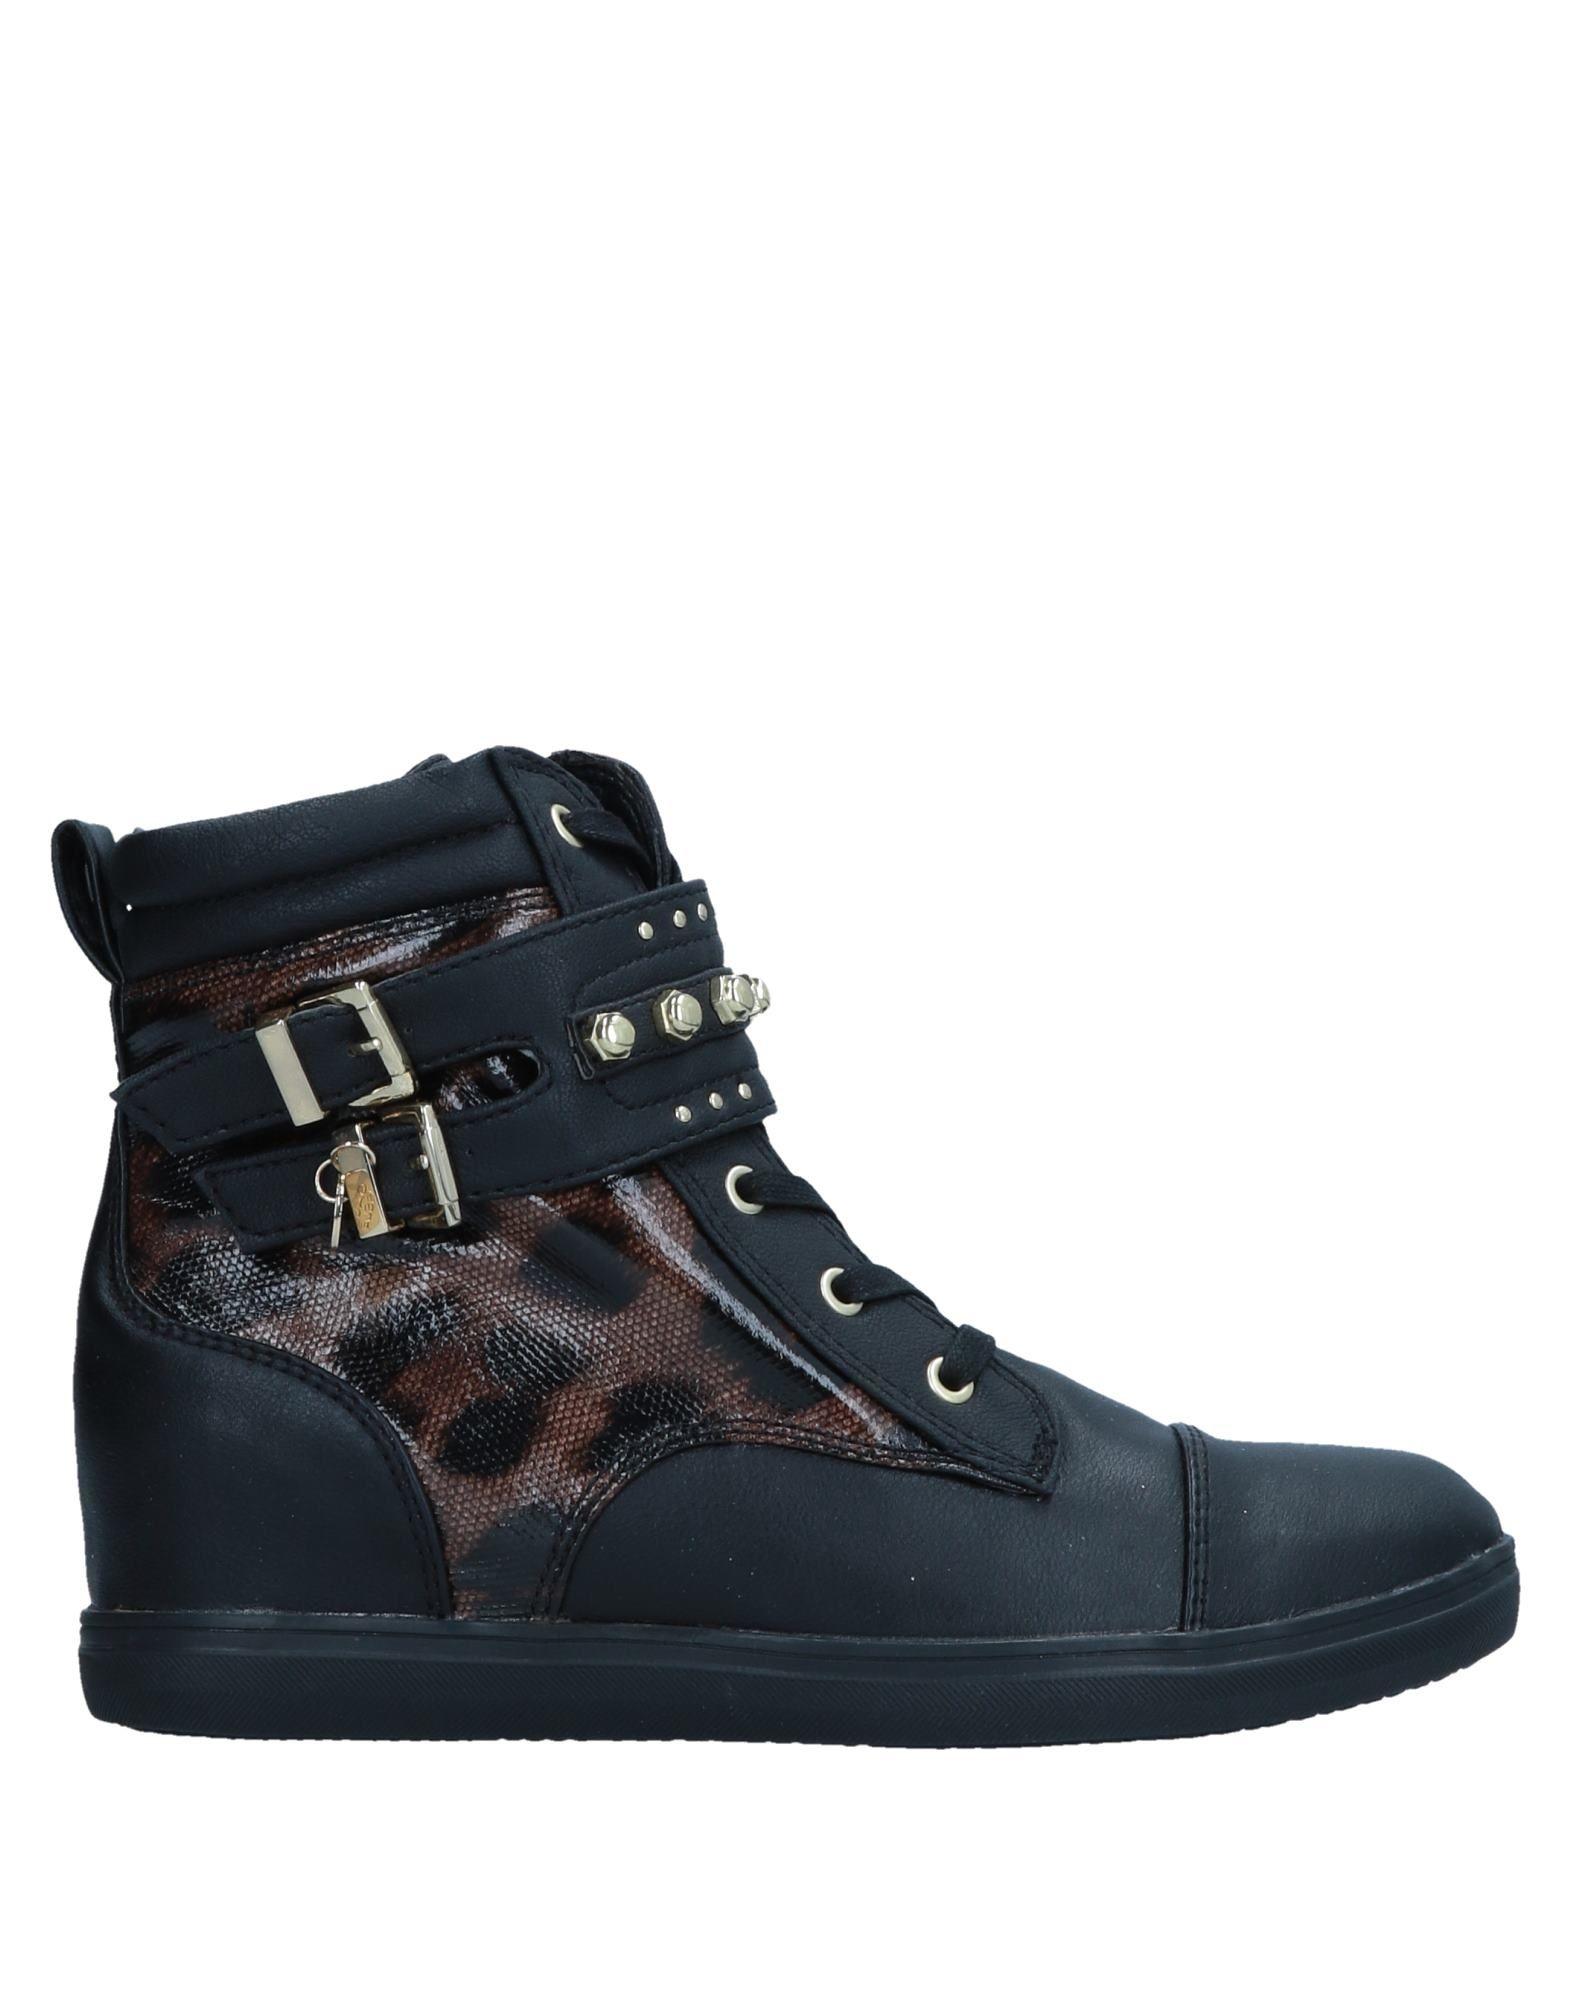 Gaudì on Sneakers - Women Gaudì Sneakers online on Gaudì  Australia - 11554812GU a896d0